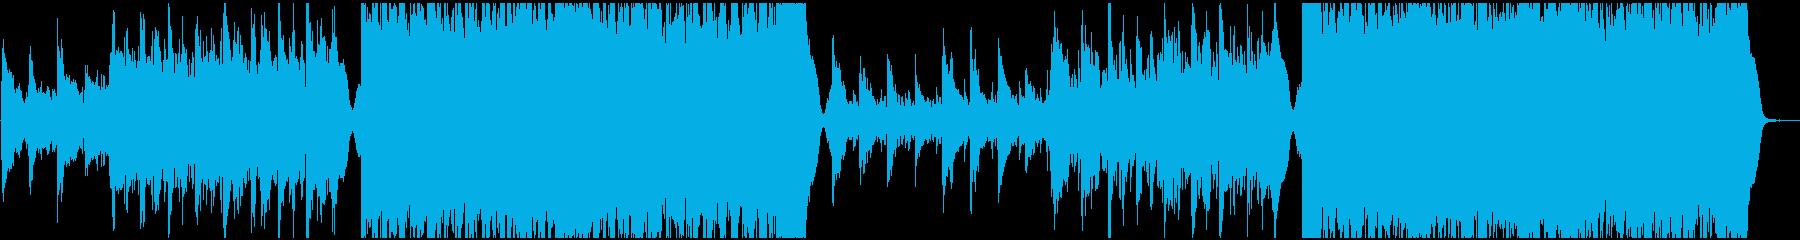 現代的 交響曲 プログレッシブ コ...の再生済みの波形